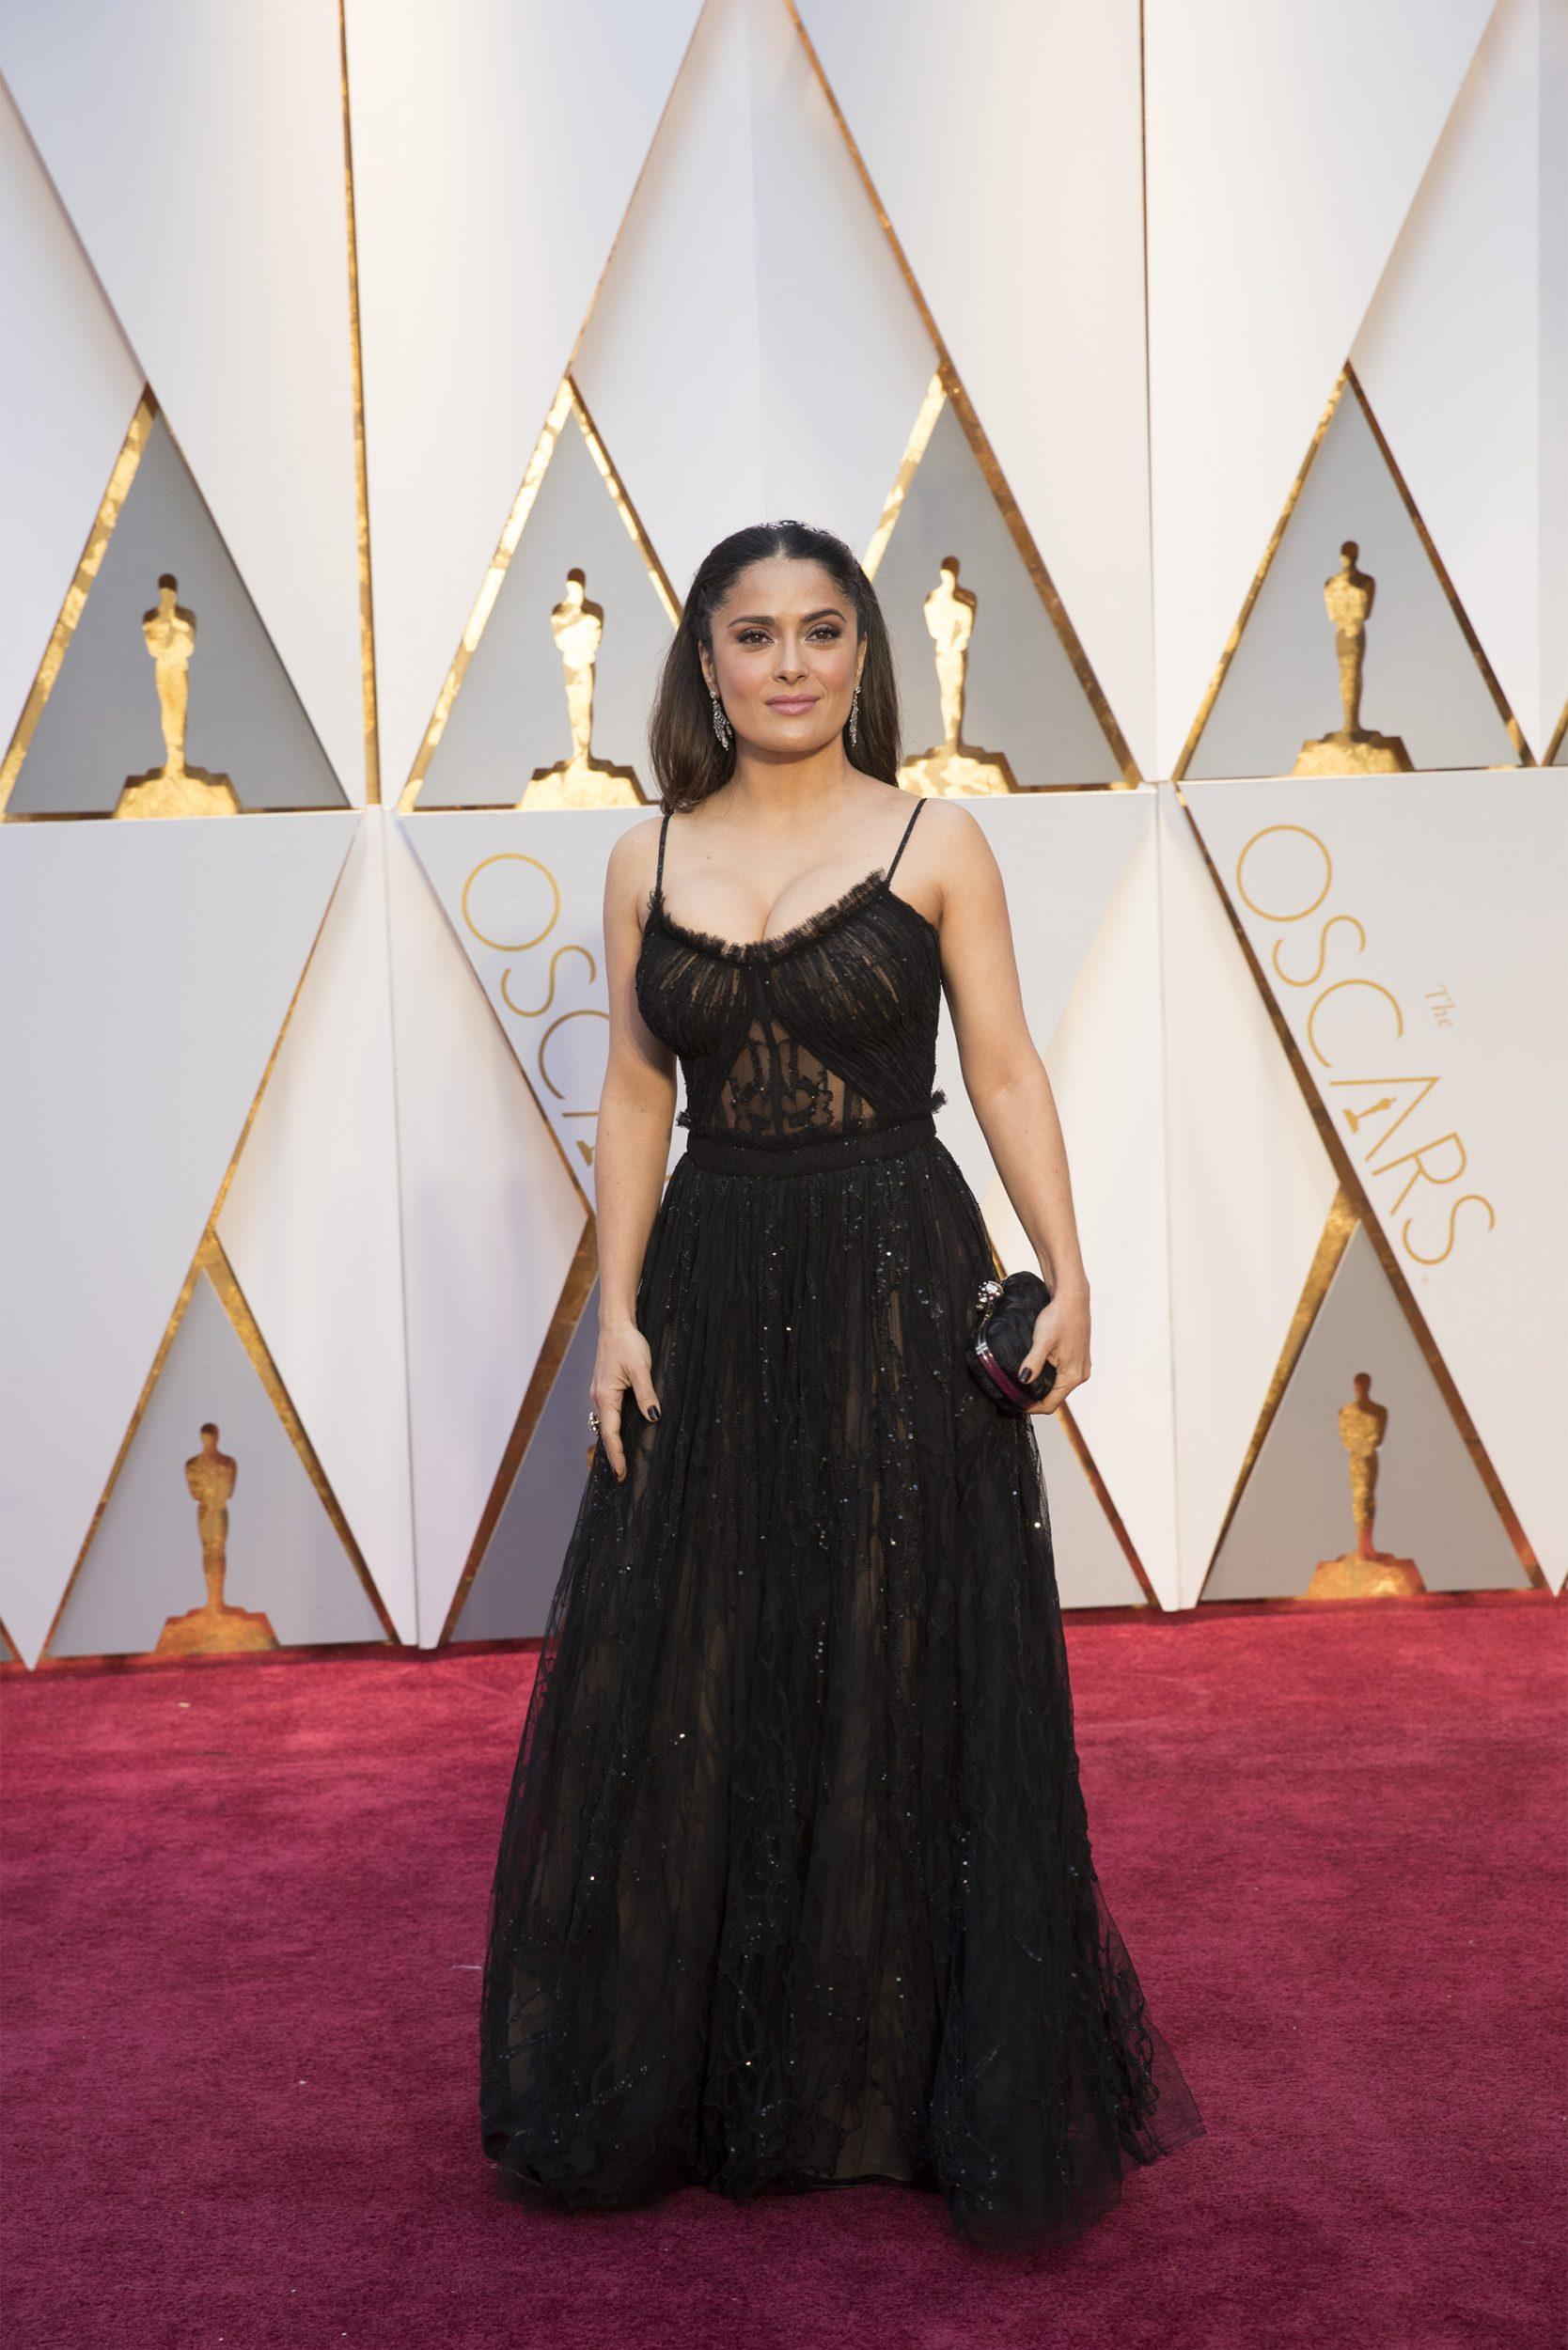 THE OSCARS(r) - The 89th Oscars(r)  broadcasts live on Oscar(r) SUNDAY, FEBRUARY 26, 2017, on the ABC Television Network. (ABC/Tyler Golden) SALMA HAYEK